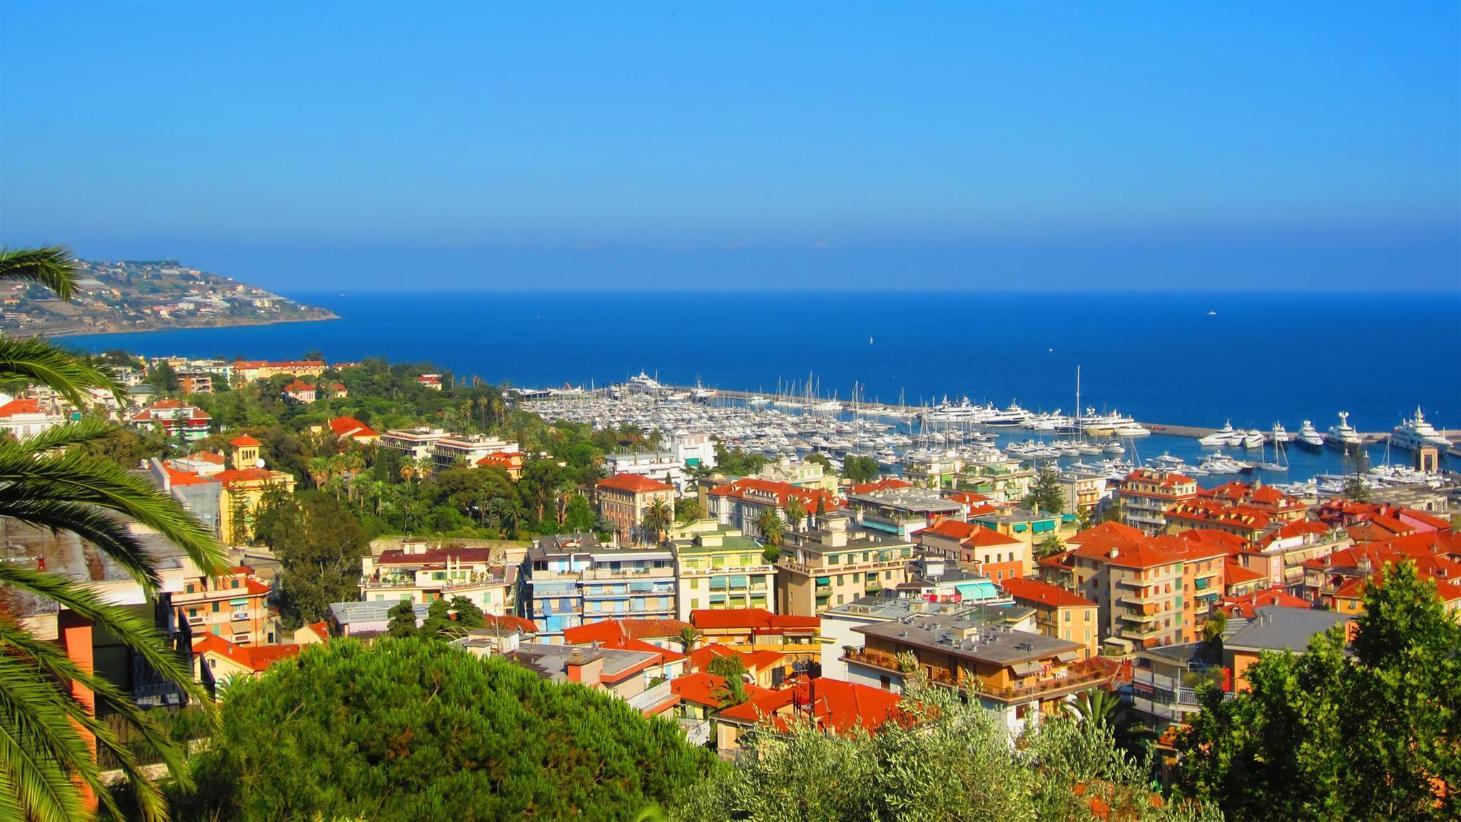 Les 20 Meilleurs Hotels A Sanremo Italie Des 29 Sur Agoda Com